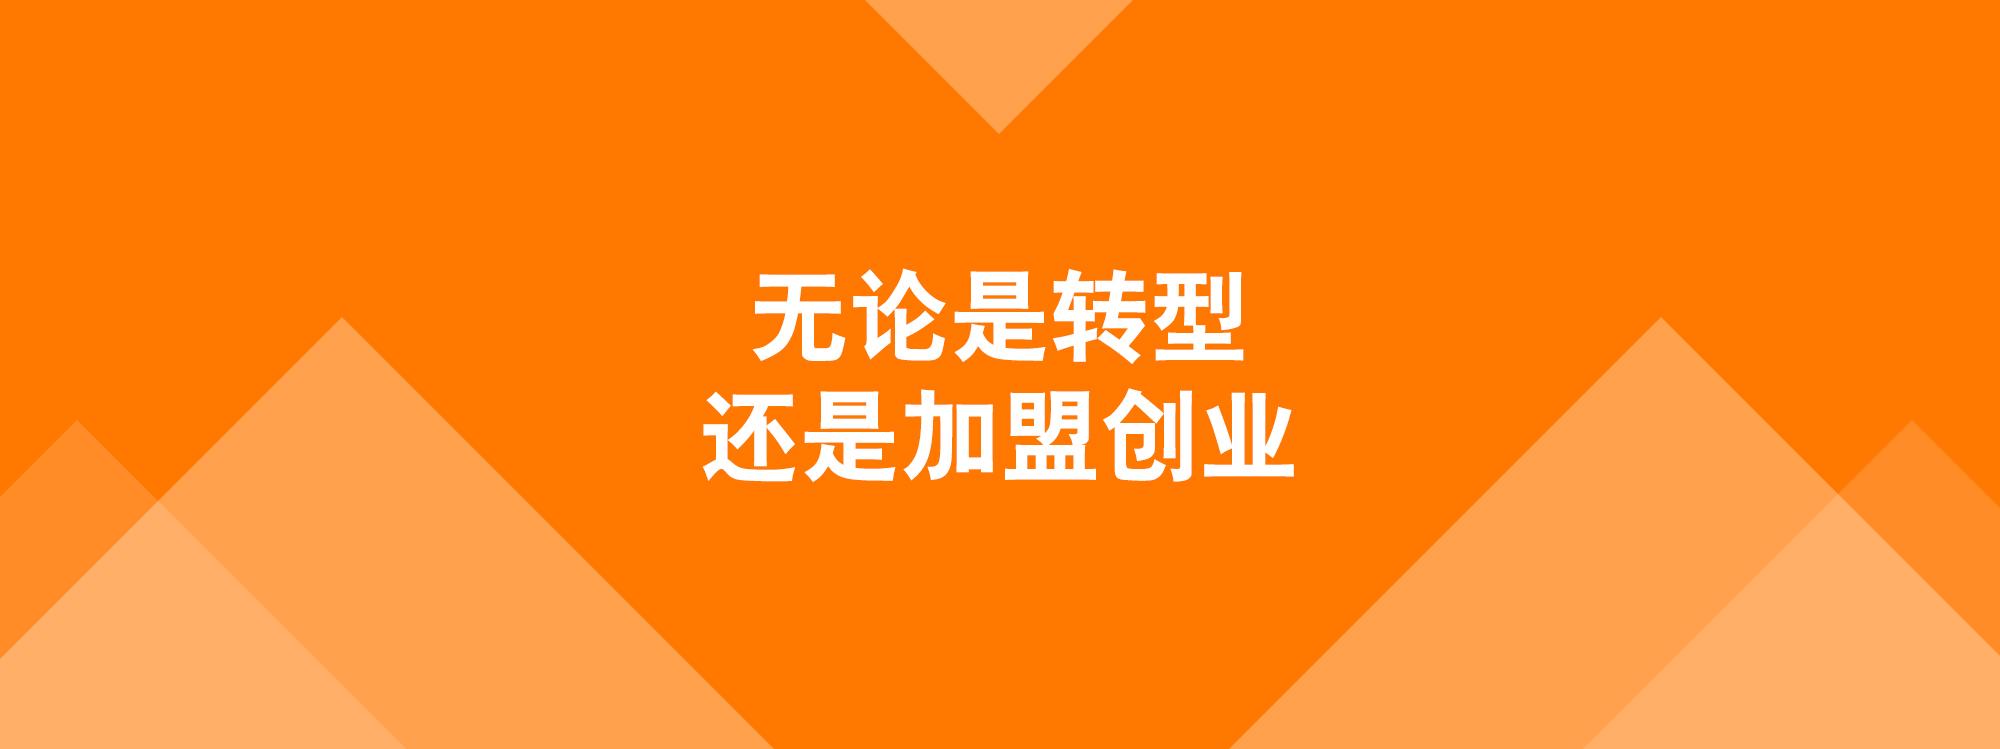 玖佰云市场 企业转型和创业的最佳选择